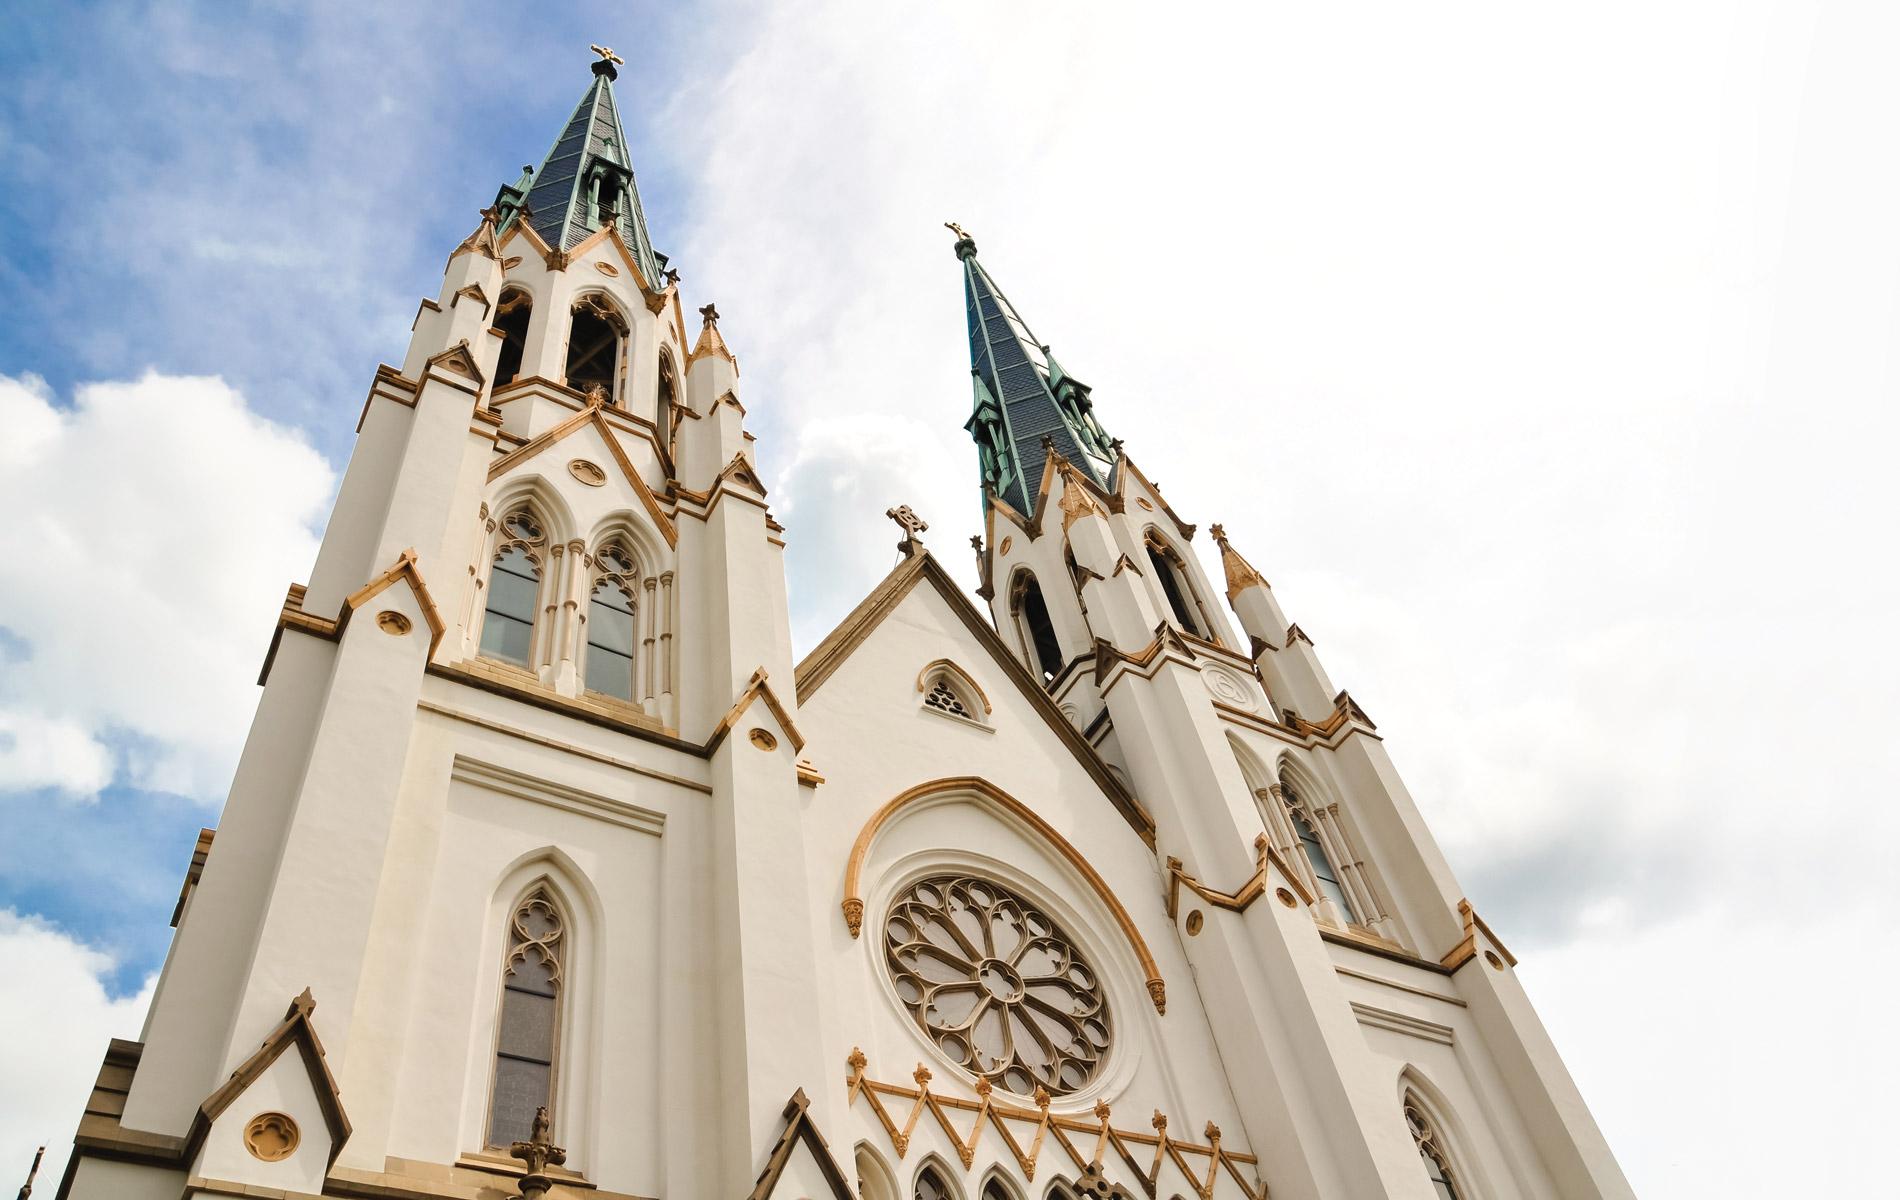 Church in Savannah